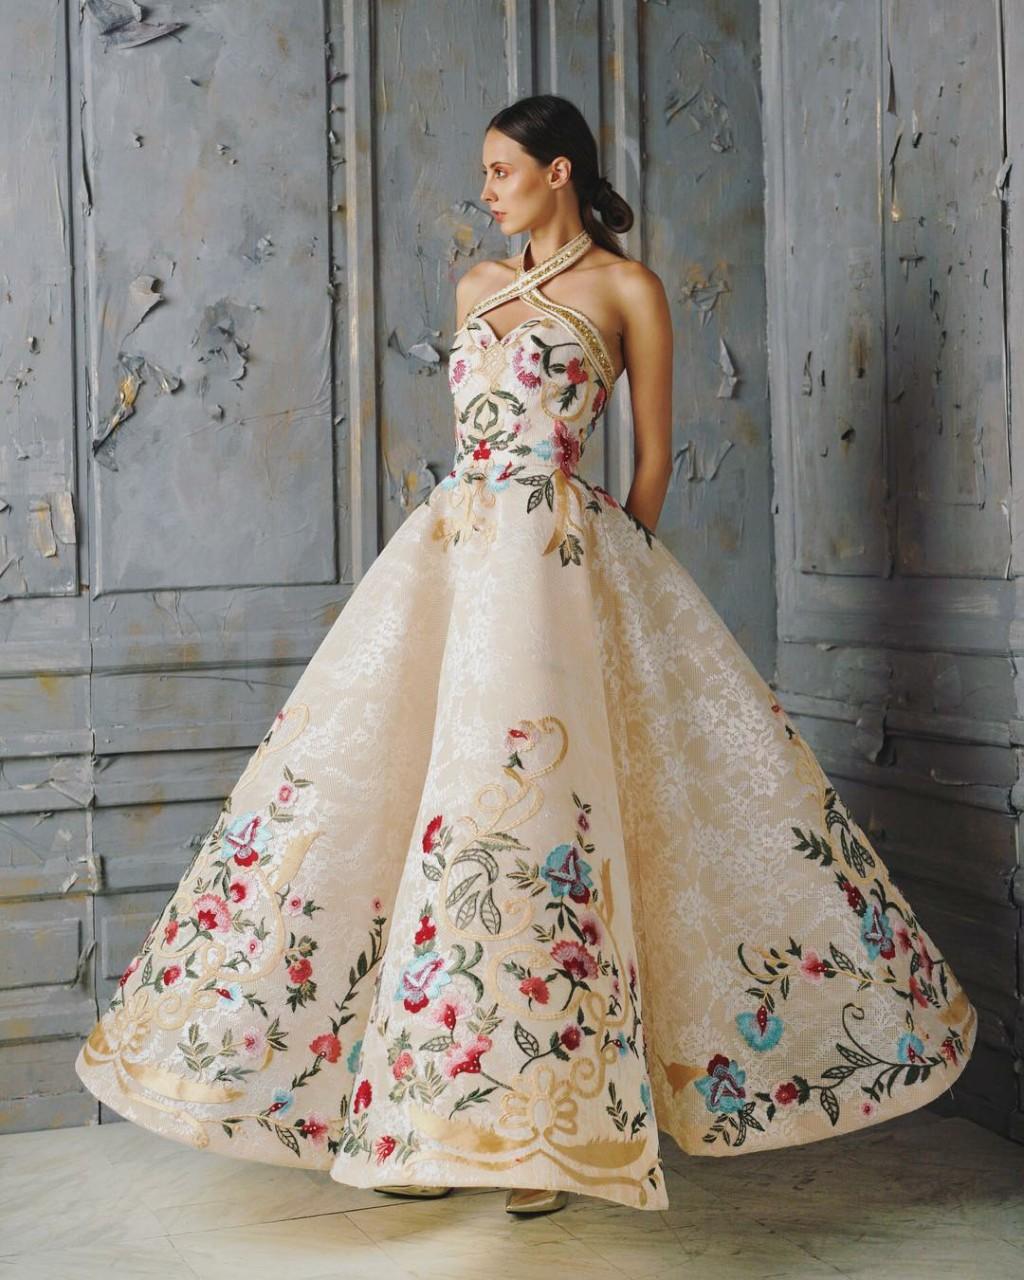 Мода для принцесс: роскошные наряды от Mark Bumgarner